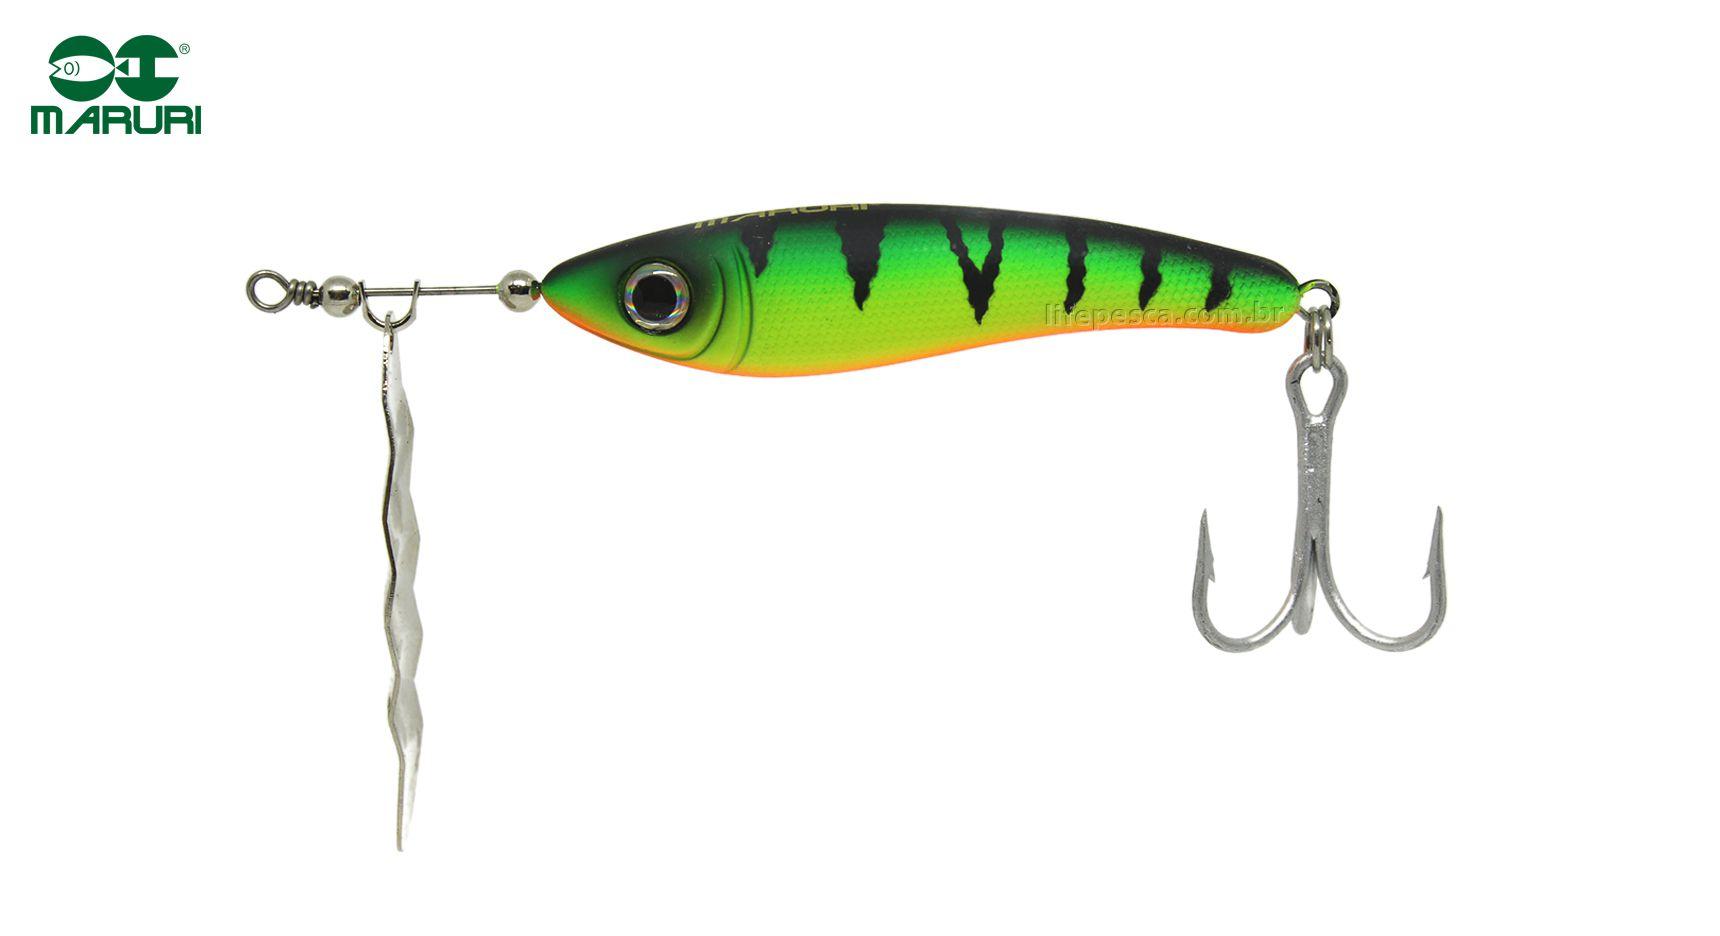 Isca Artificial Maruri Winner 70 - 13gr ( Várias Cores )  - Life Pesca - Sua loja de Pesca, Camping e Lazer